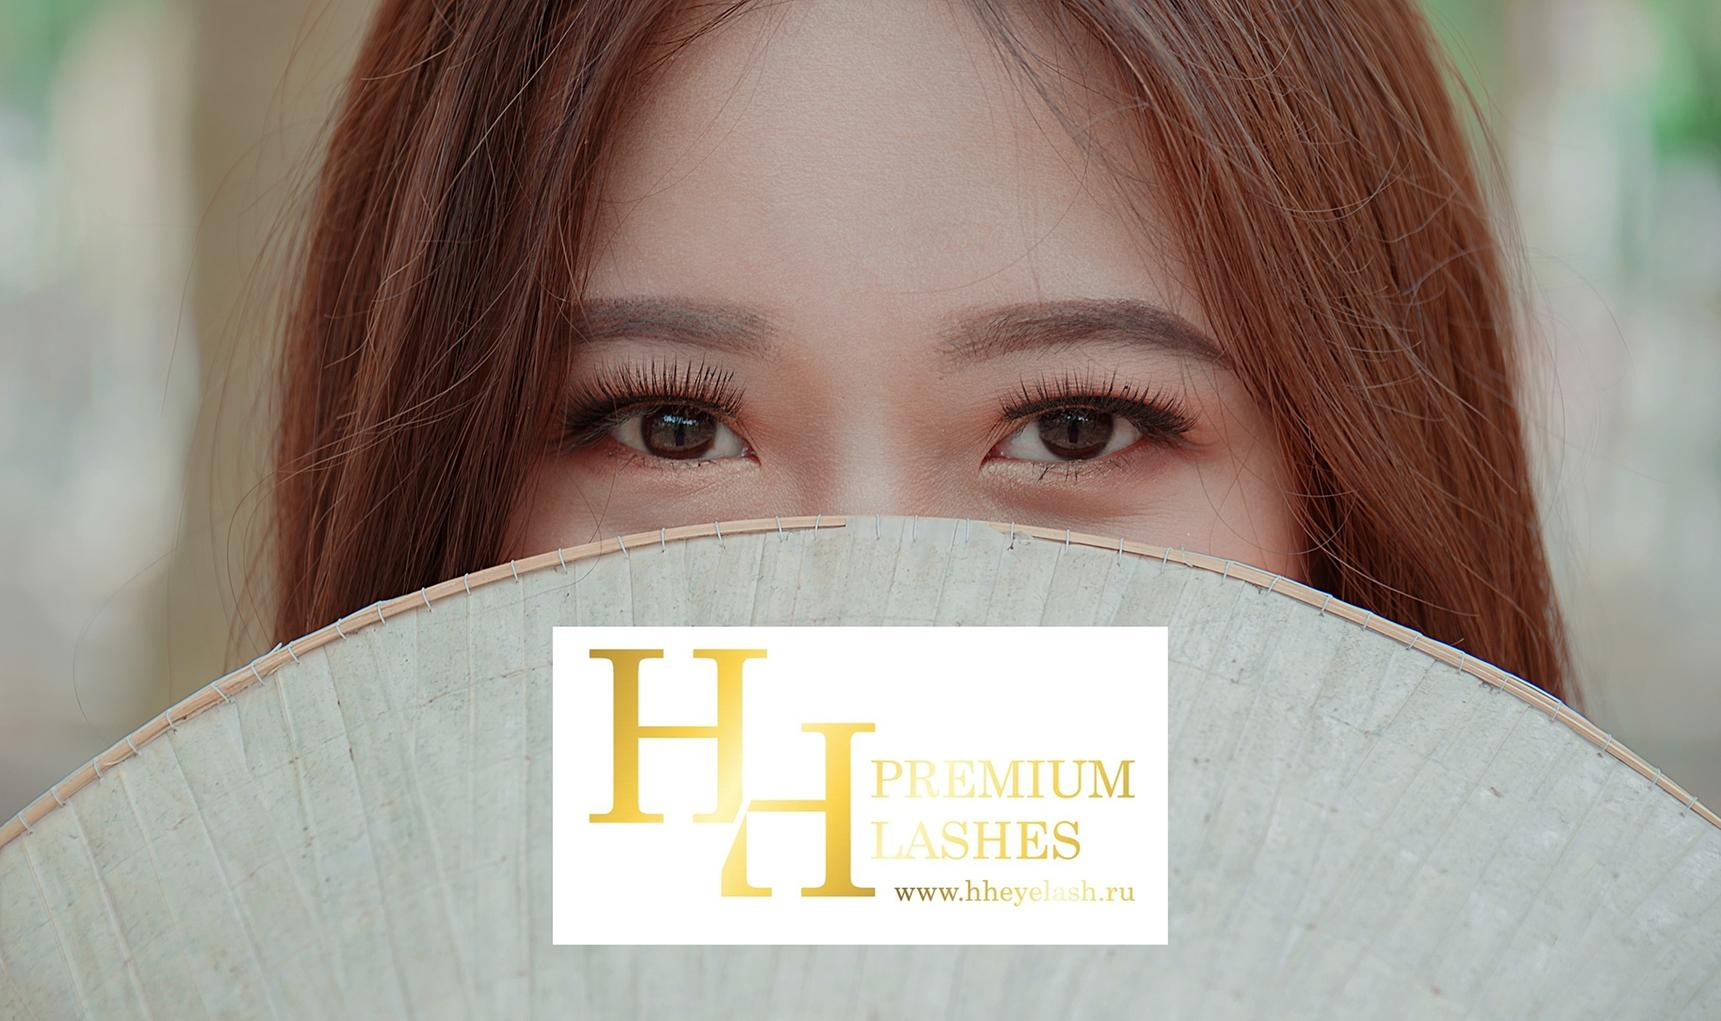 Комплексный интернет-маркетинг для интернет-магазина по оптовой продаже материалов для ресниц HH PREMIUM